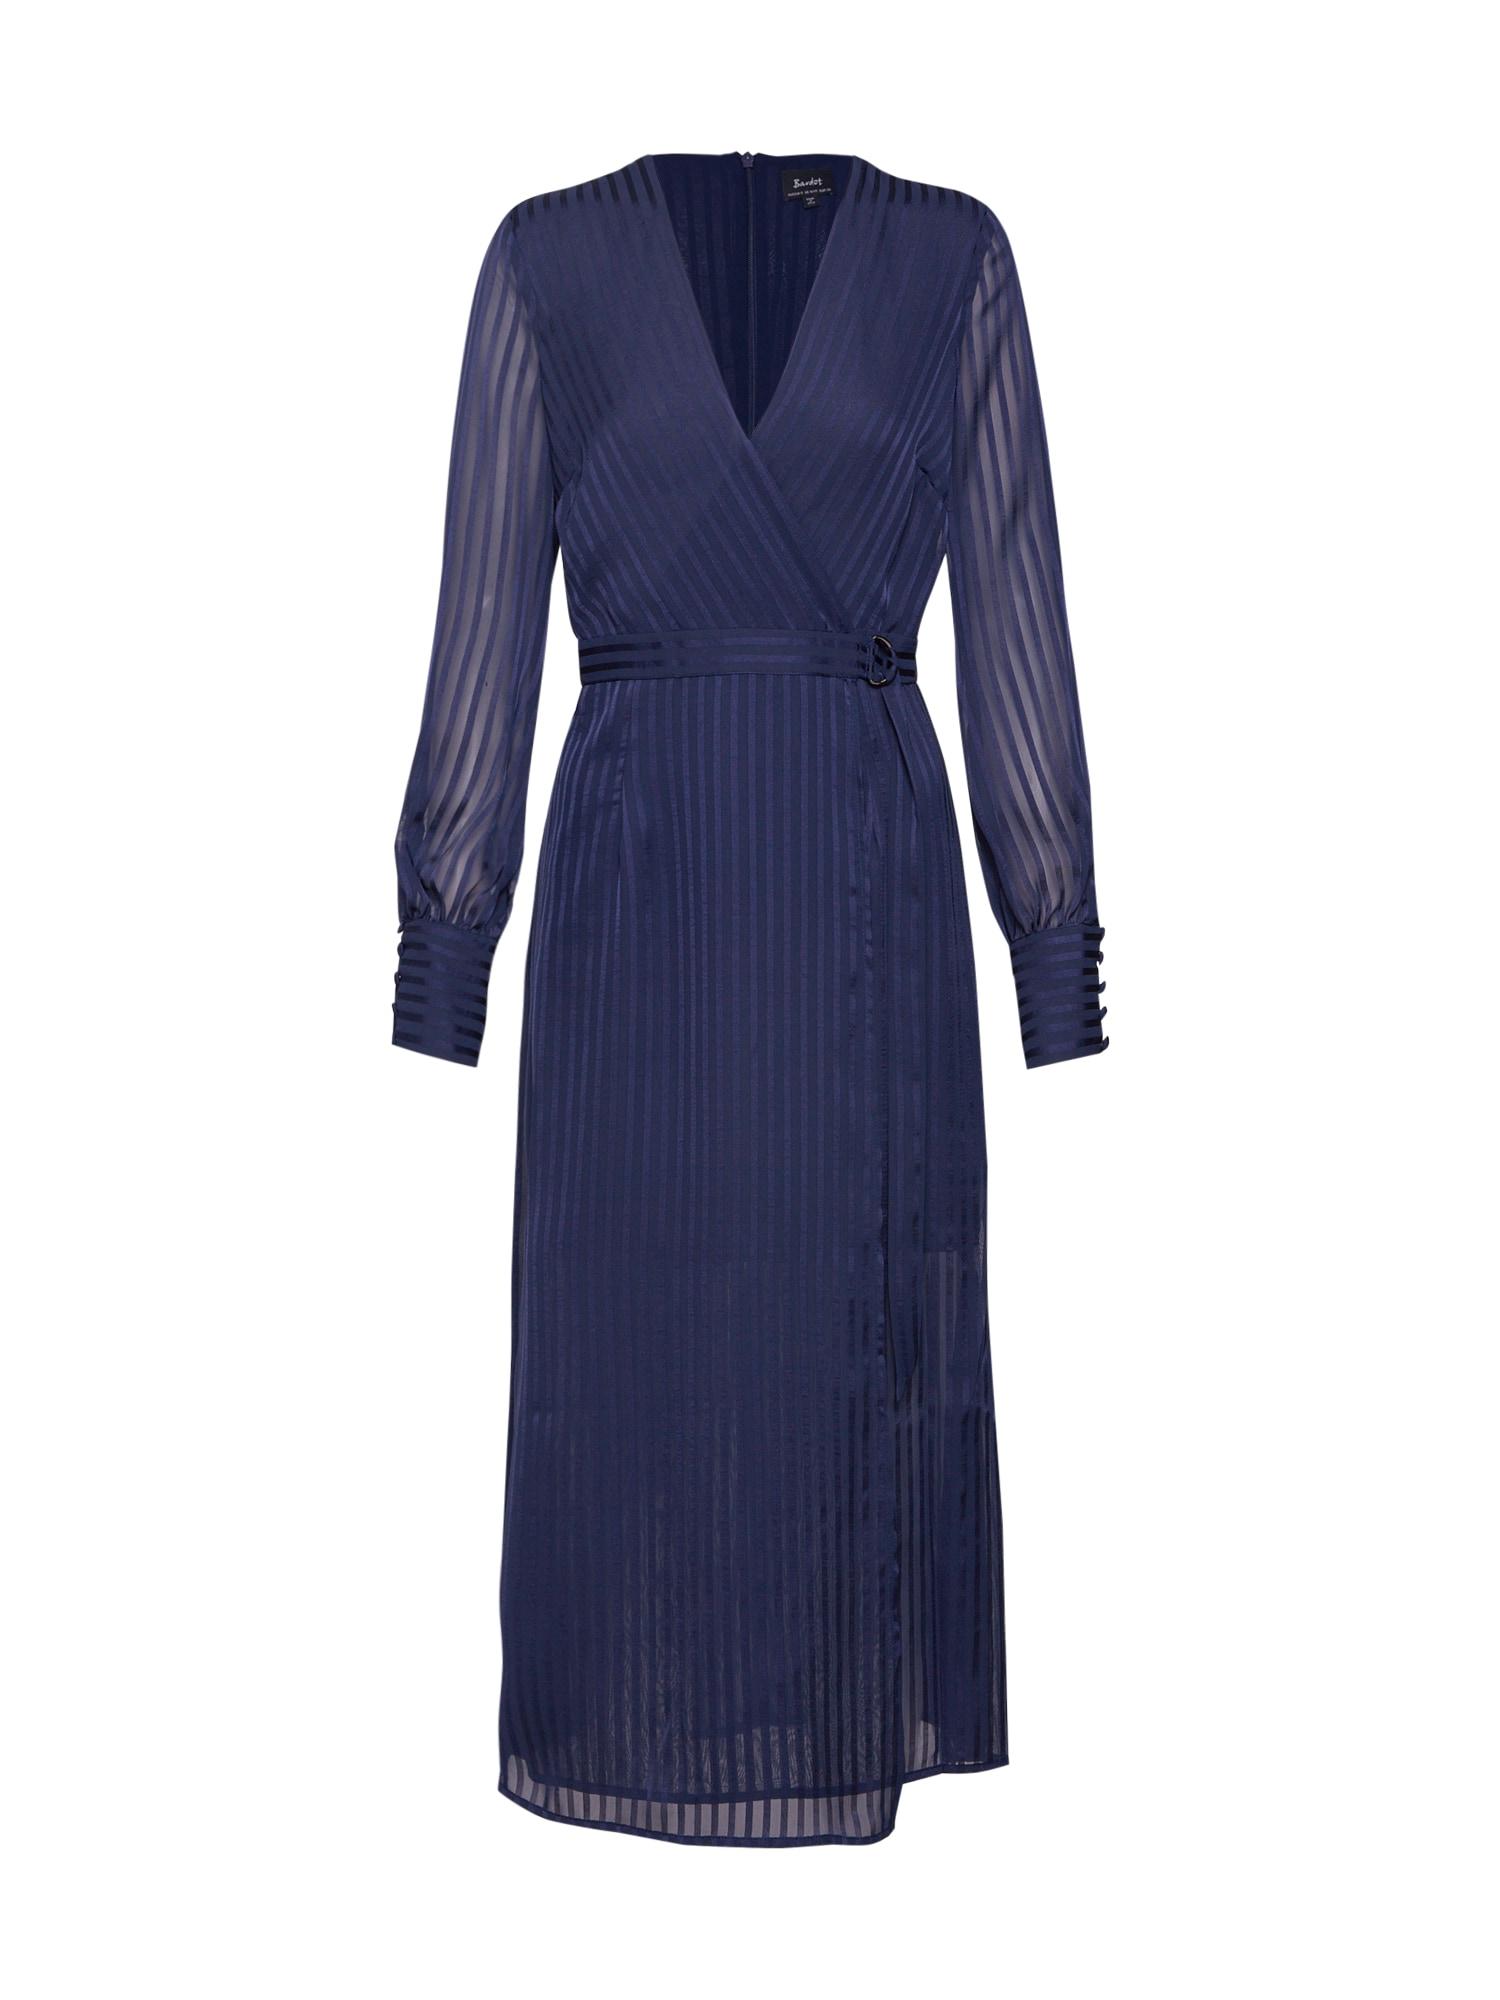 Šaty SHADOW STRIPE DRESS marine modrá Bardot